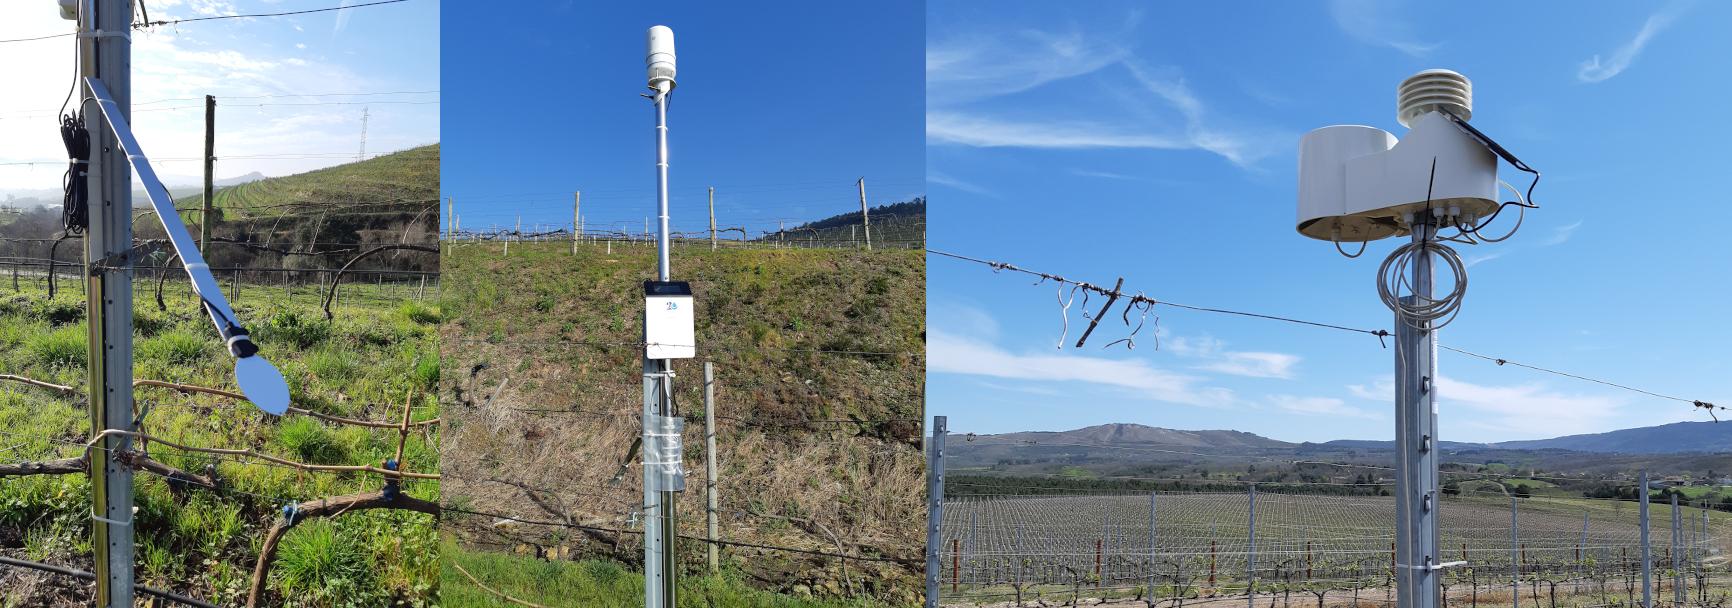 Fotos de estacións agroclimáticas de Agrigenio Vite que se están colocando en leiras de adegas en diferentes denominacións de orixe de Galicia